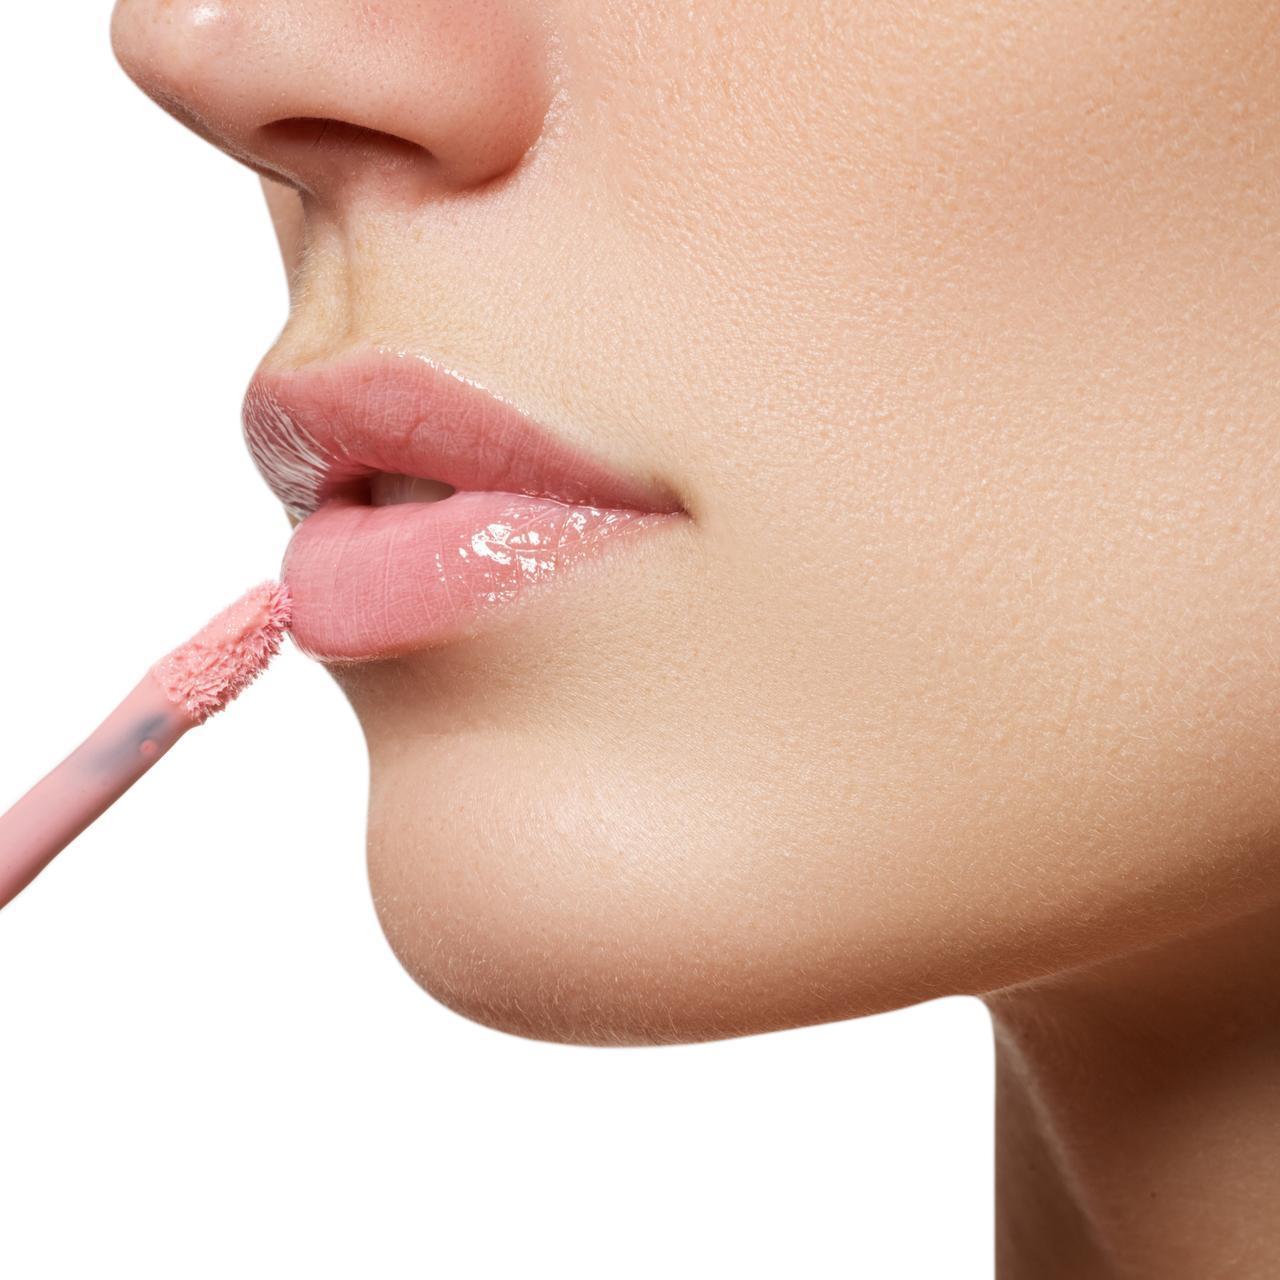 画像: リップグロスでの唇の乾燥も解決!「アレ」さえあれば潤いたっぷりの唇に